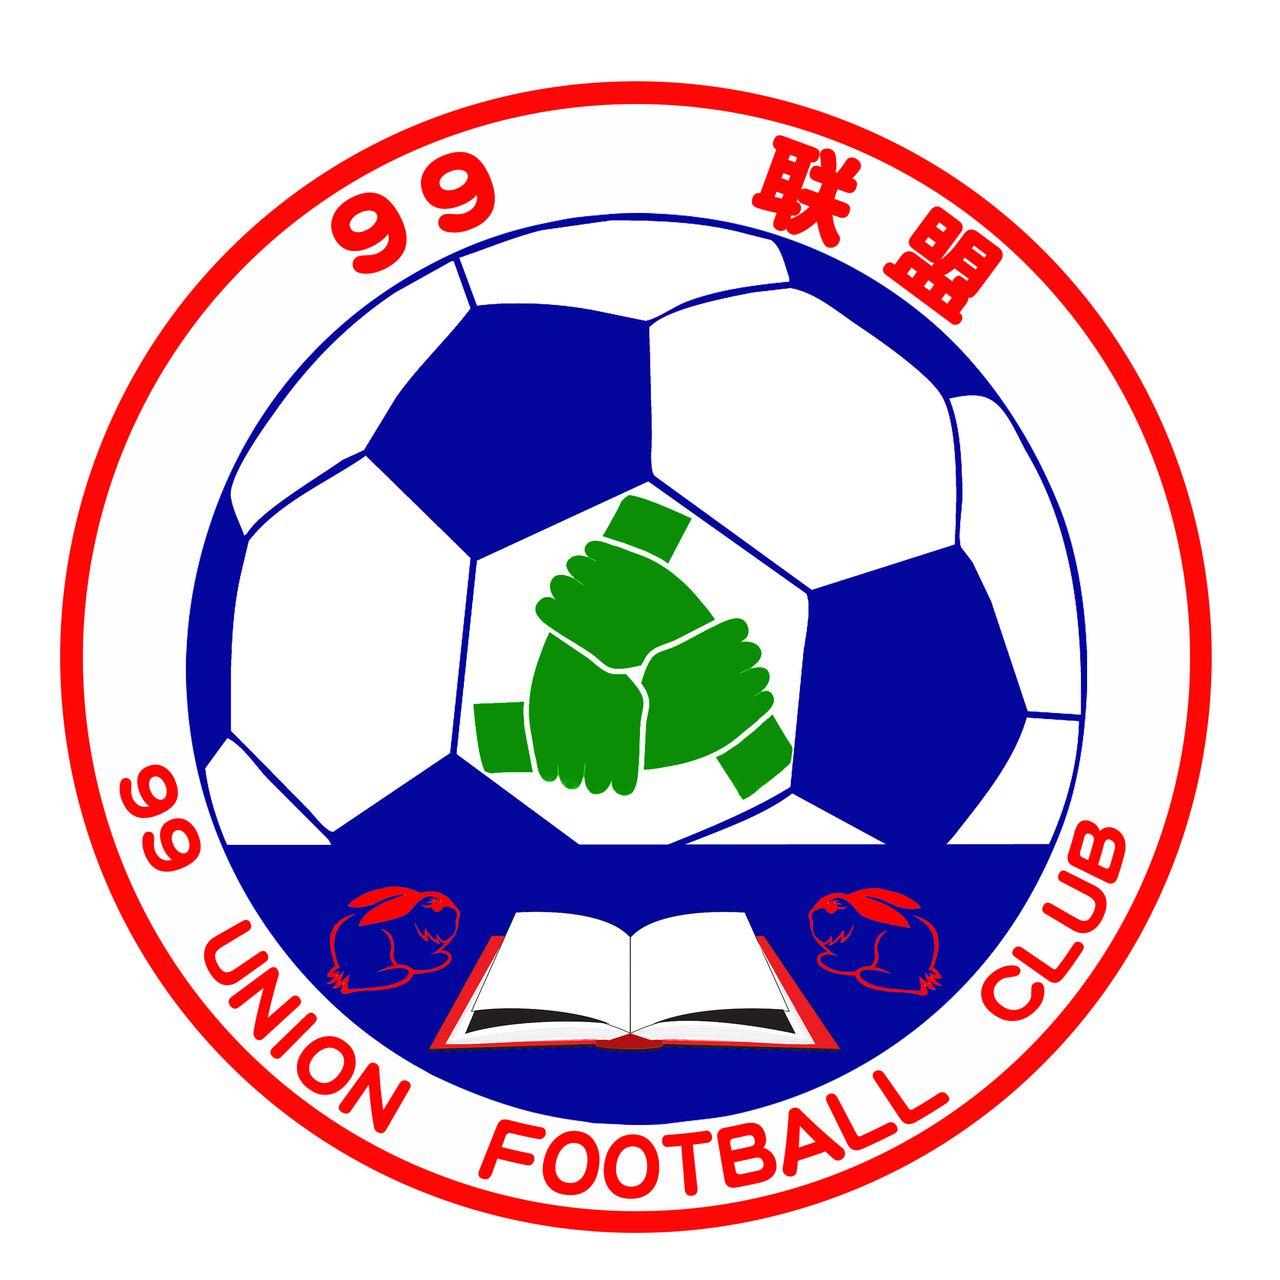 足球队徽logo设计图片